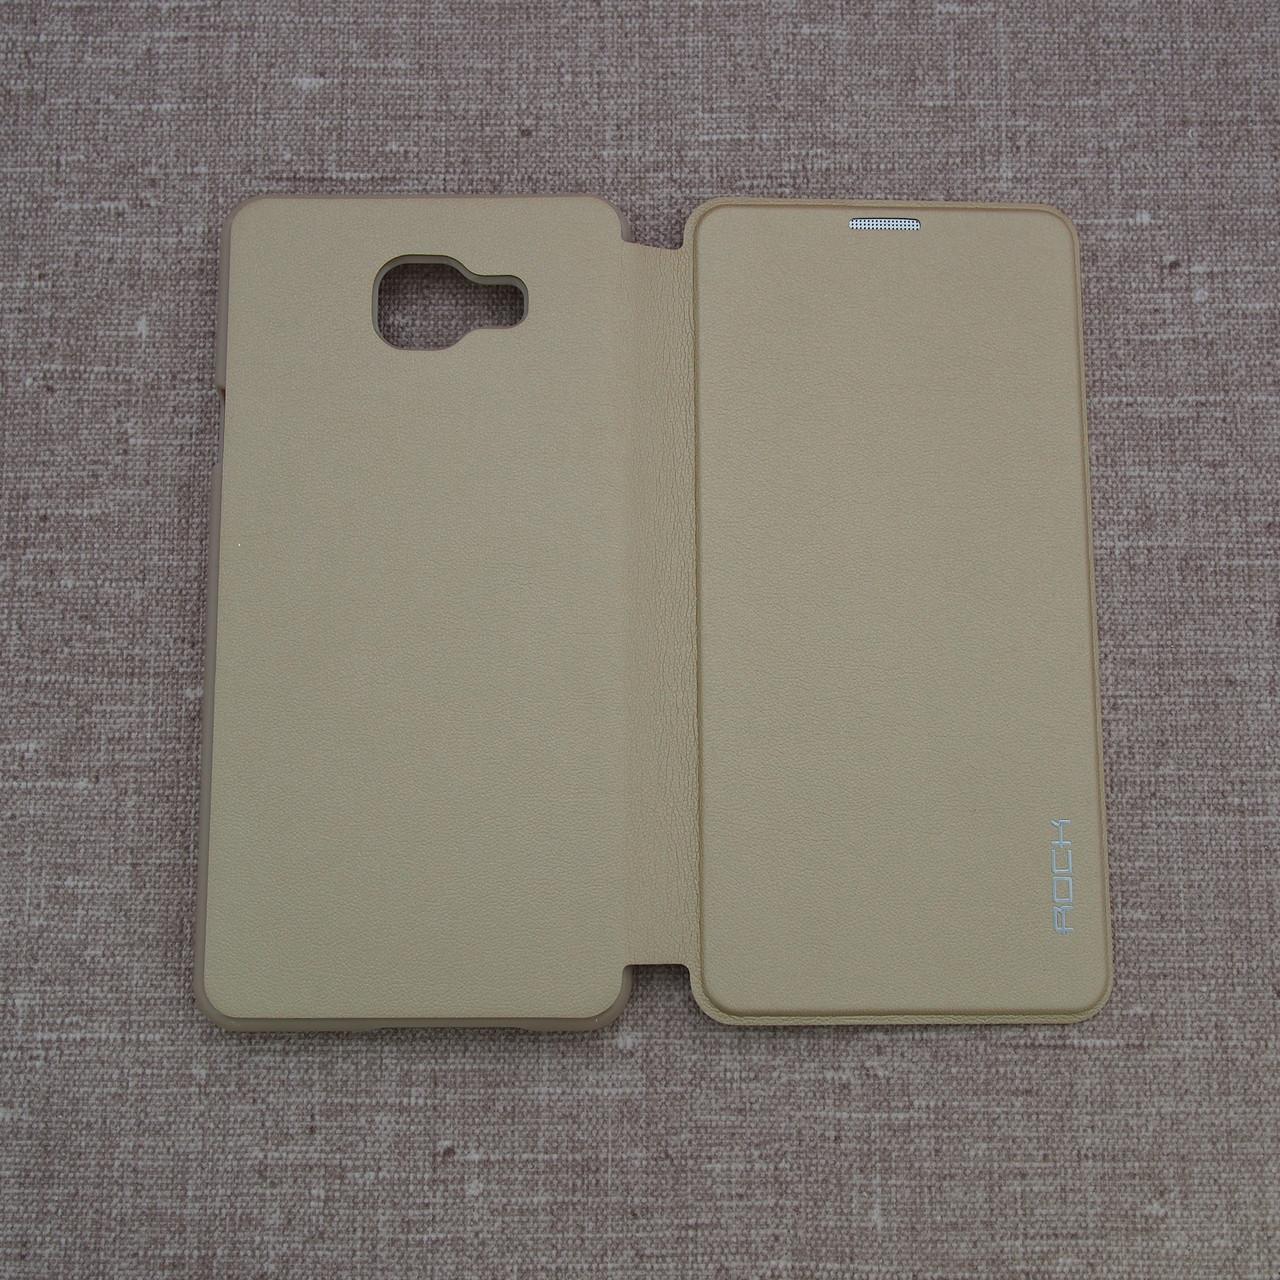 Чехлы для Galaxy A Series (остальные модели) ROCK Touch Samsung A7 gold (A750) 2018 Для телефона